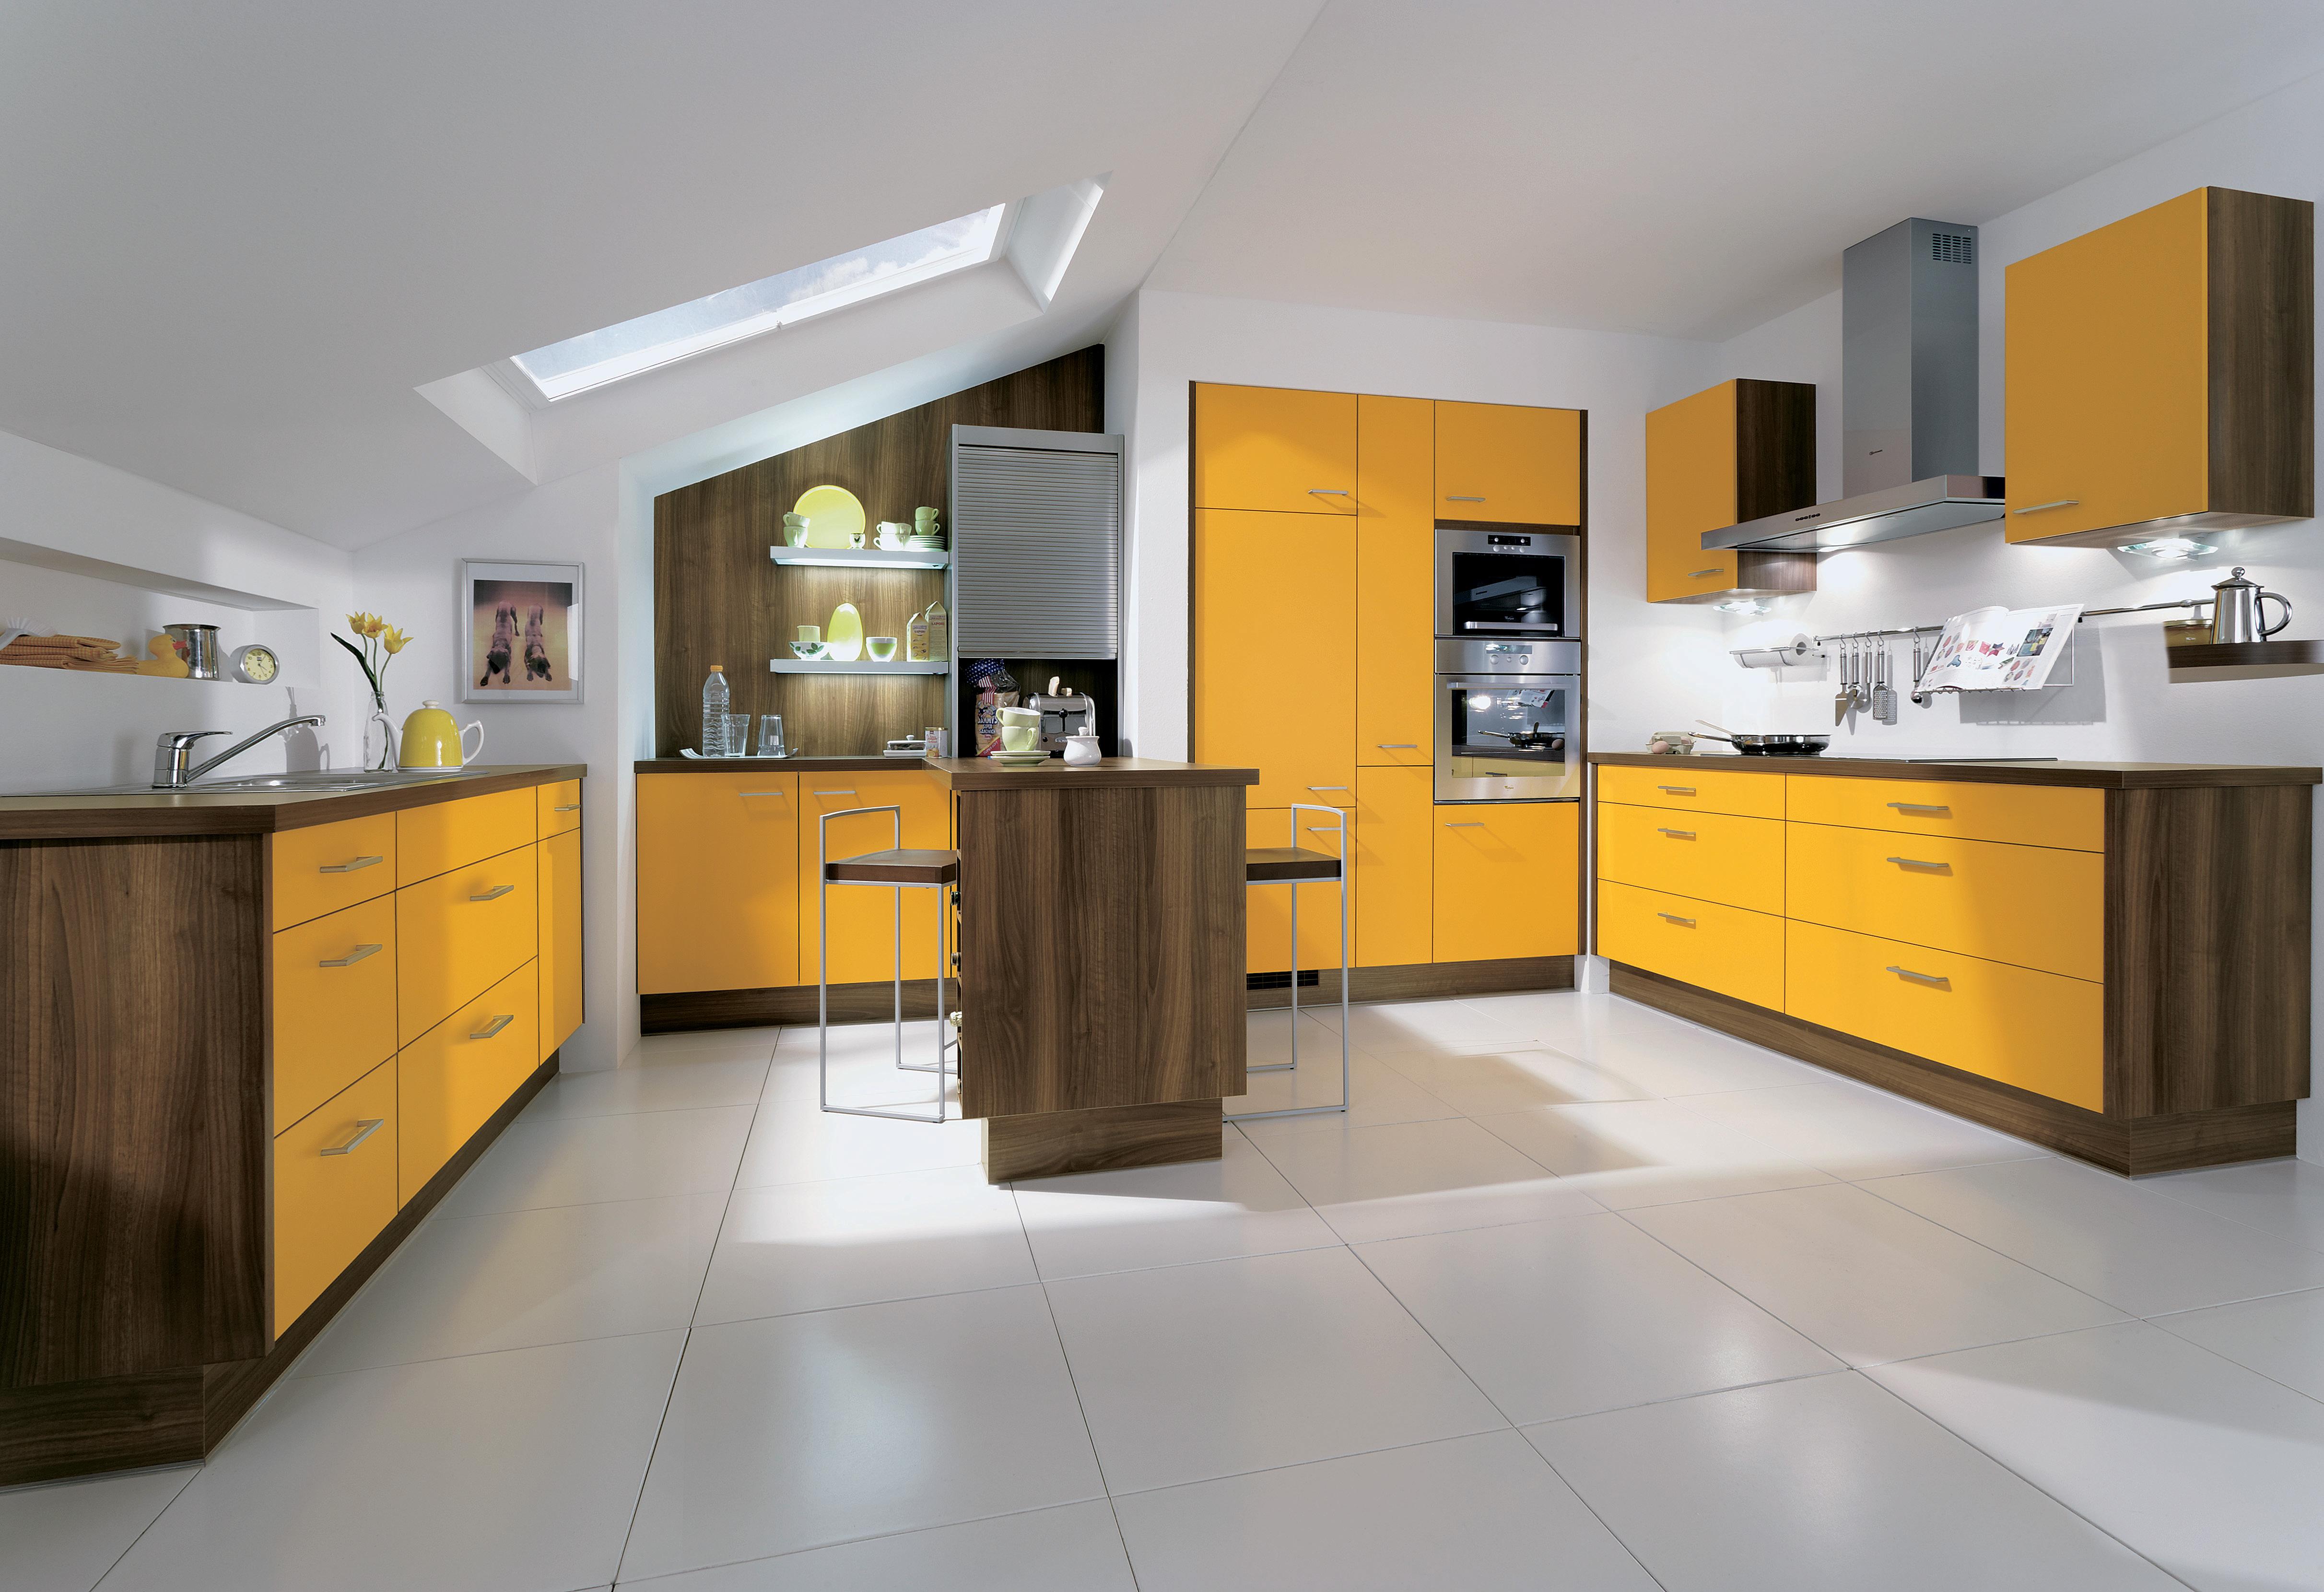 Küche mit Dachschräge: Tipps und Kniffe für die Planung